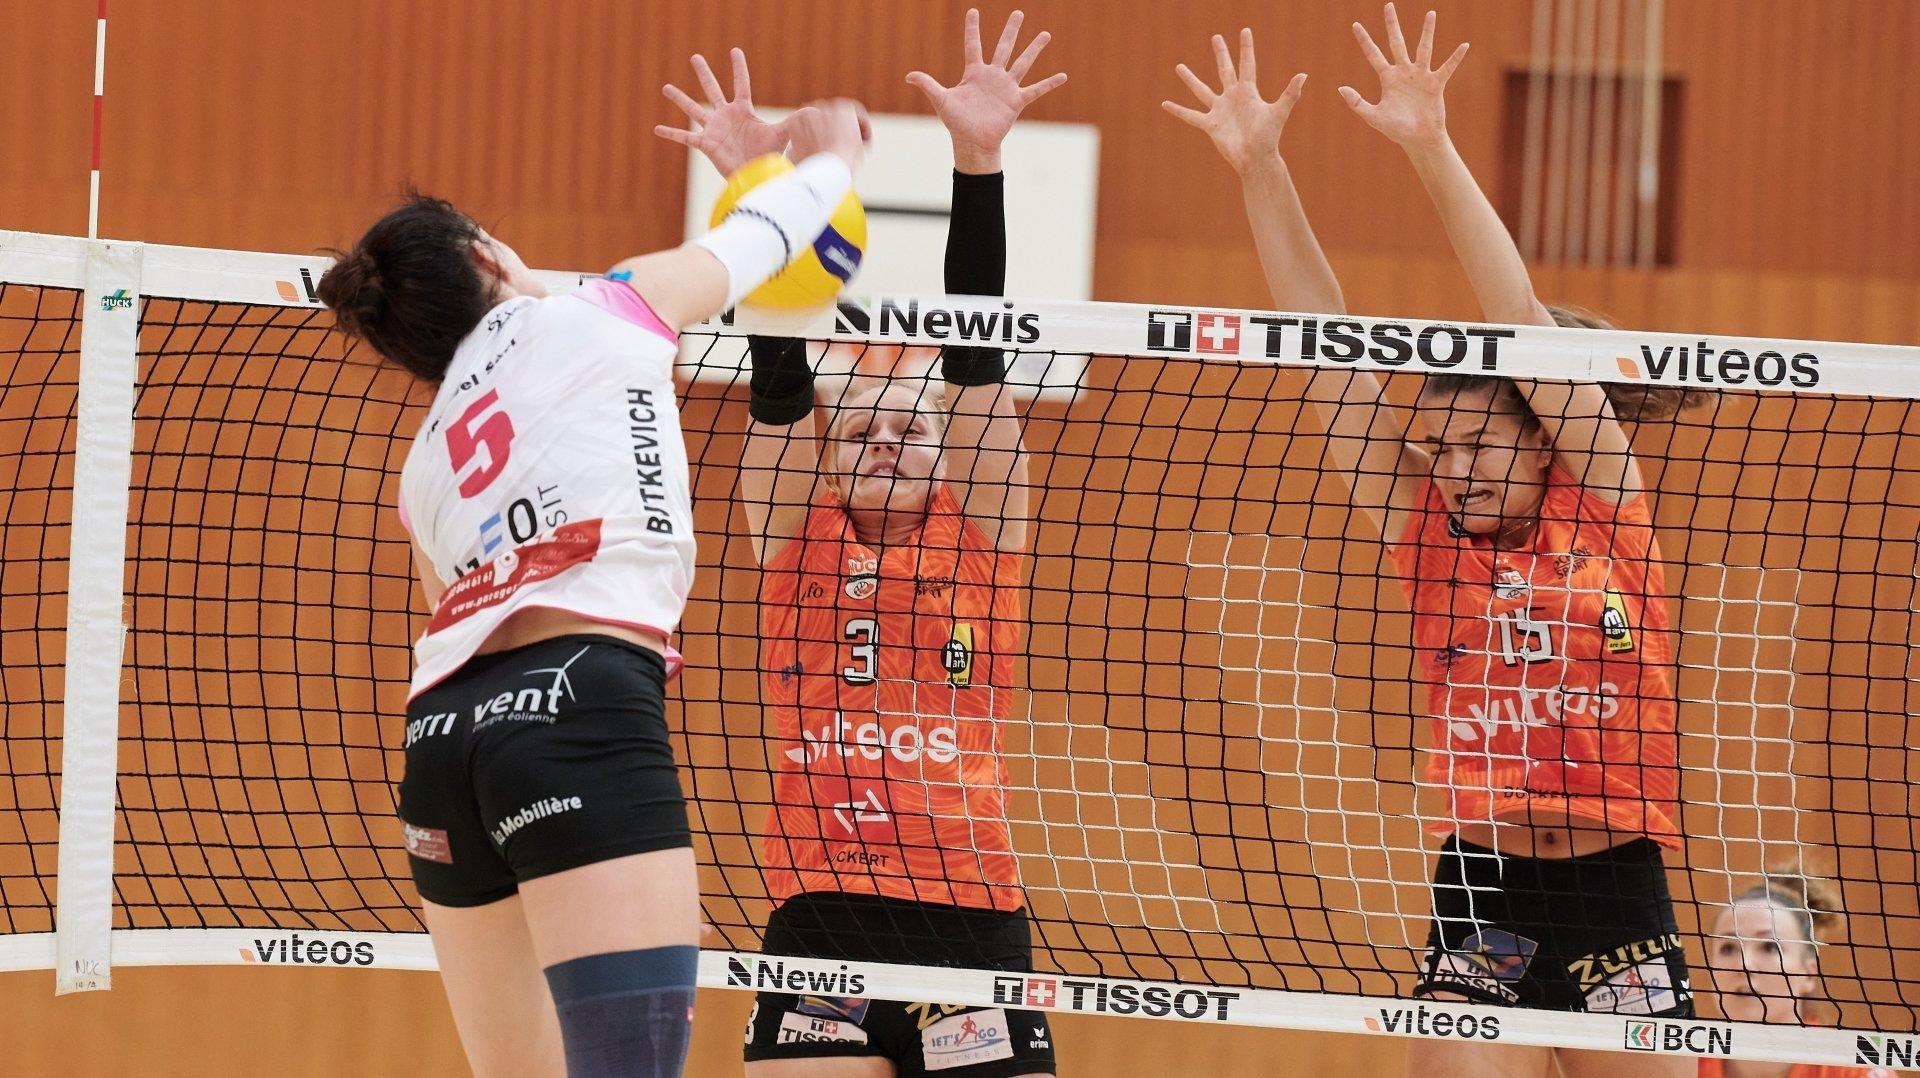 Les jeunes du NUC Jill Münstermann (de face, à gauche) et Alix de Micheli (de face, à droite) ont eu leur chance face à Valtra et Daria Butkevich (de dos).